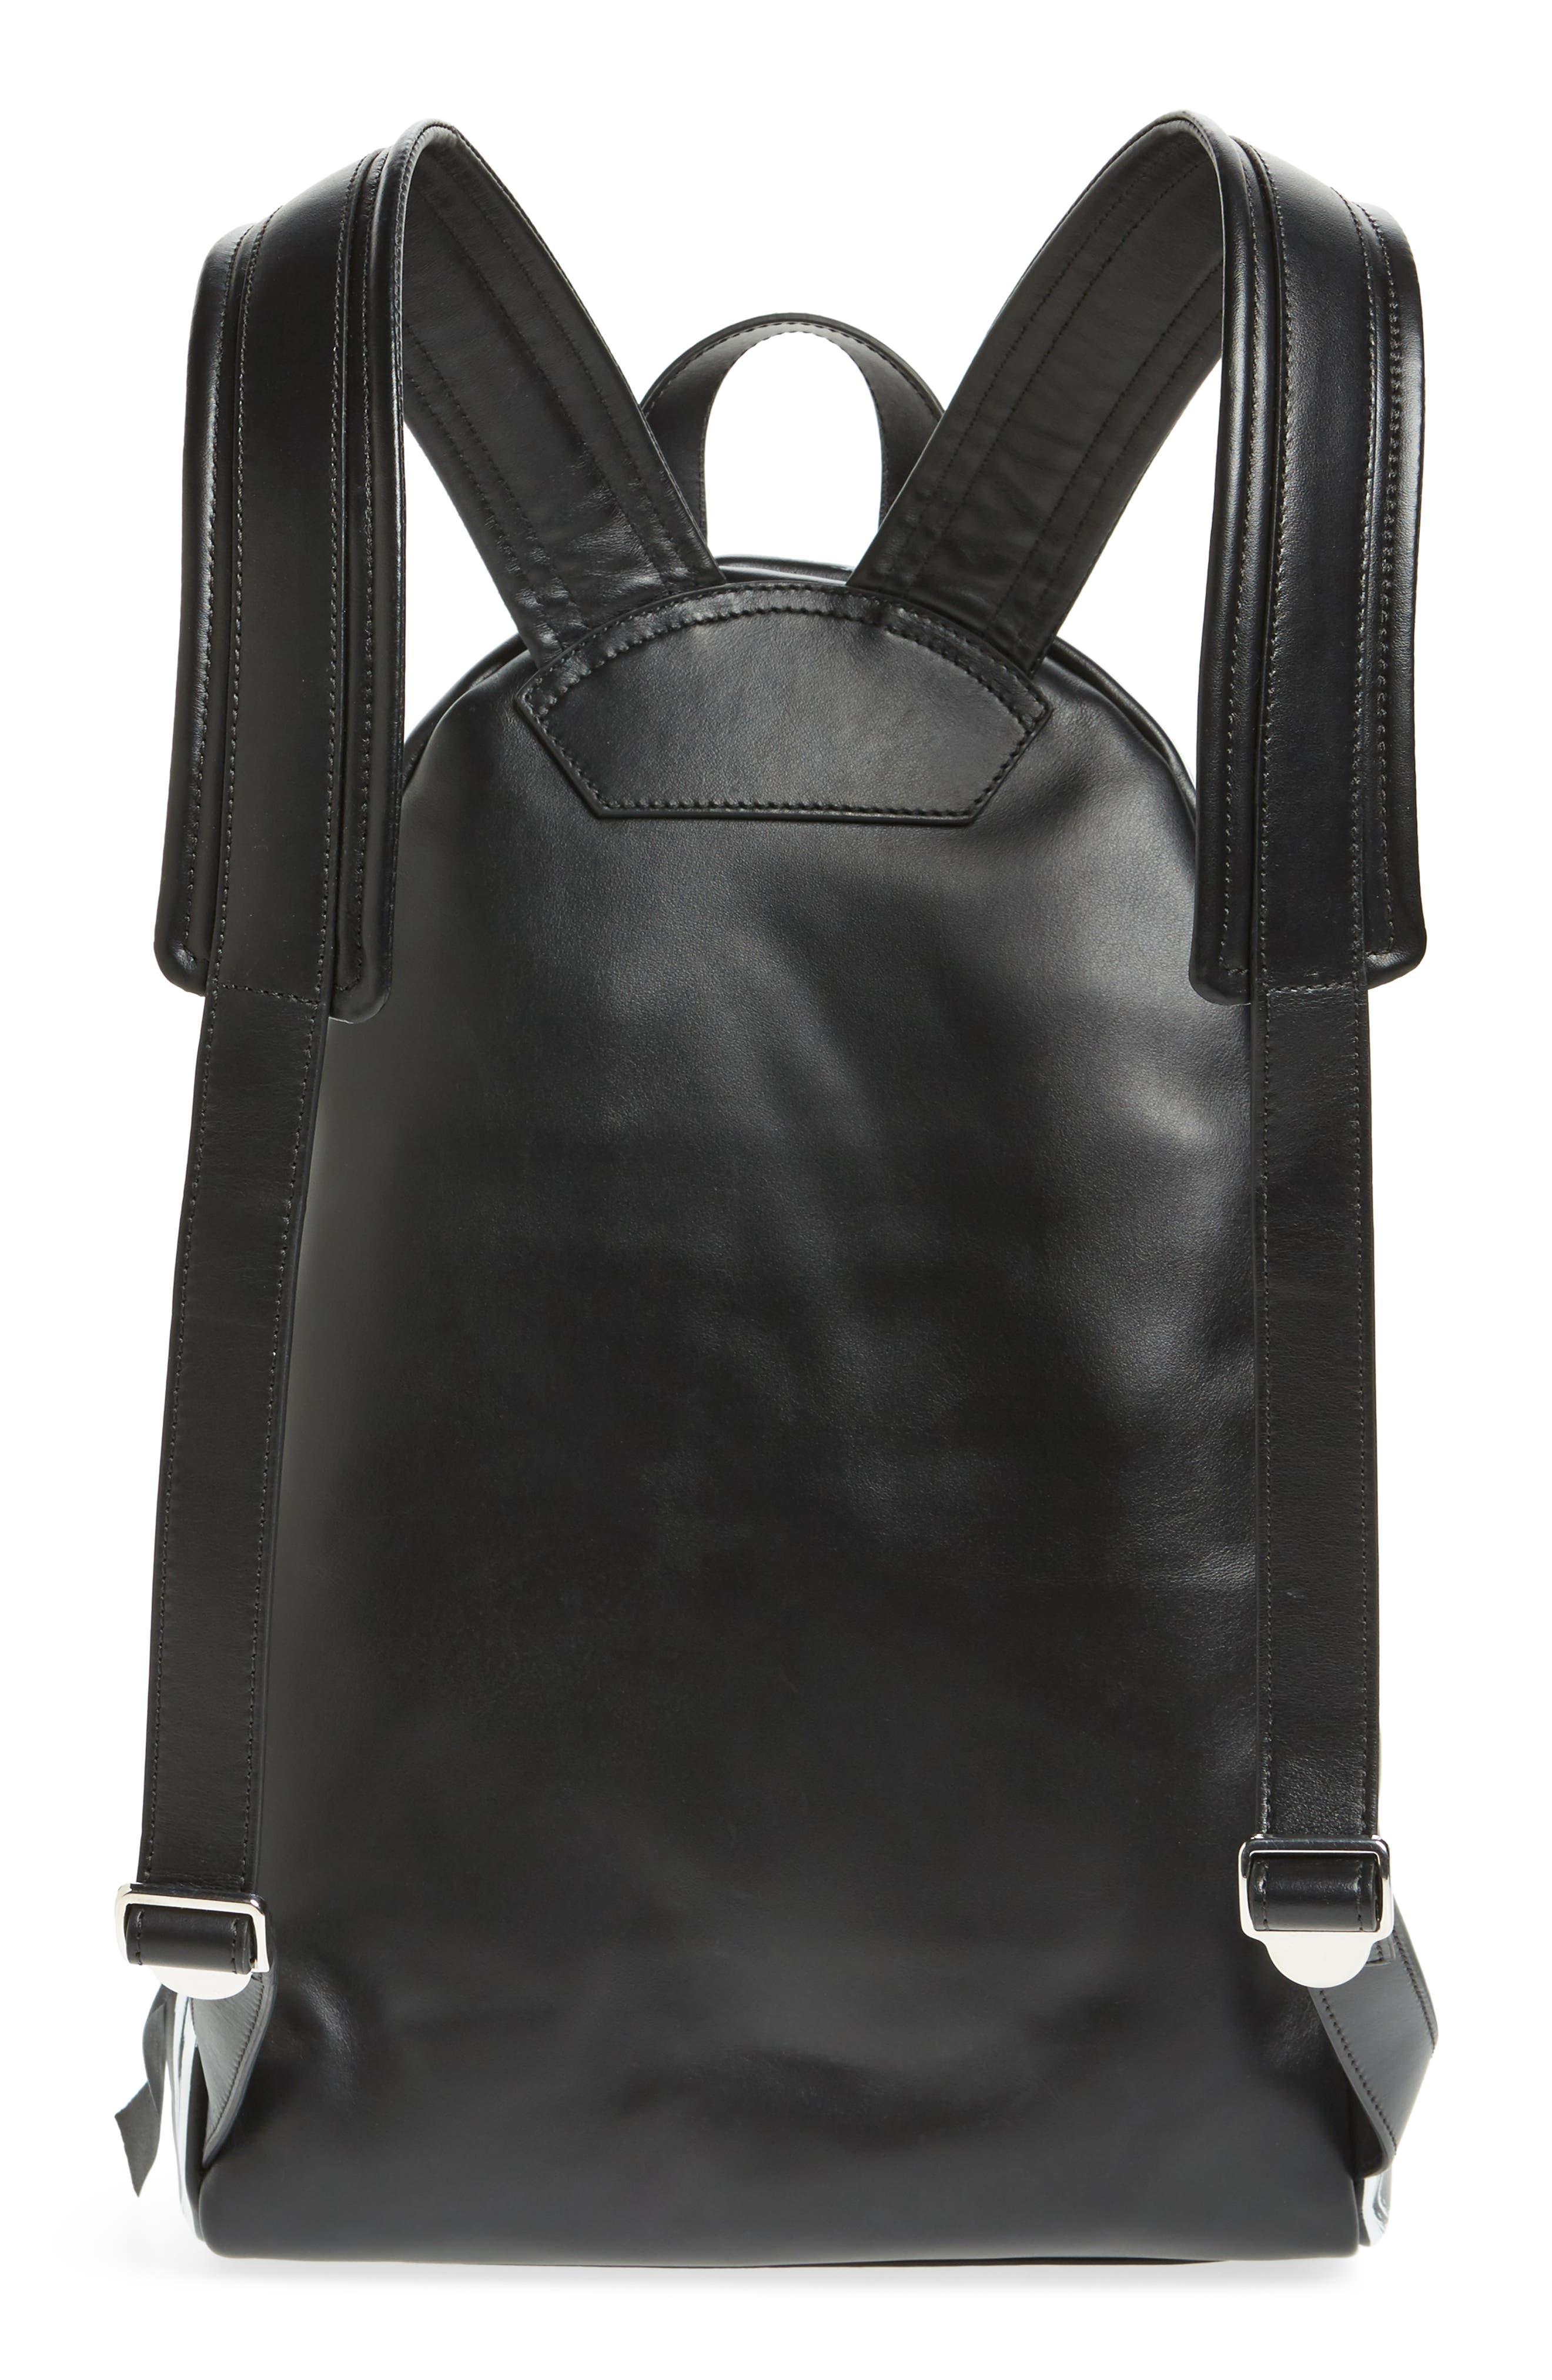 Graffiti Calfskin Leather Backpack,                             Alternate thumbnail 3, color,                             BLACK/ WHITE